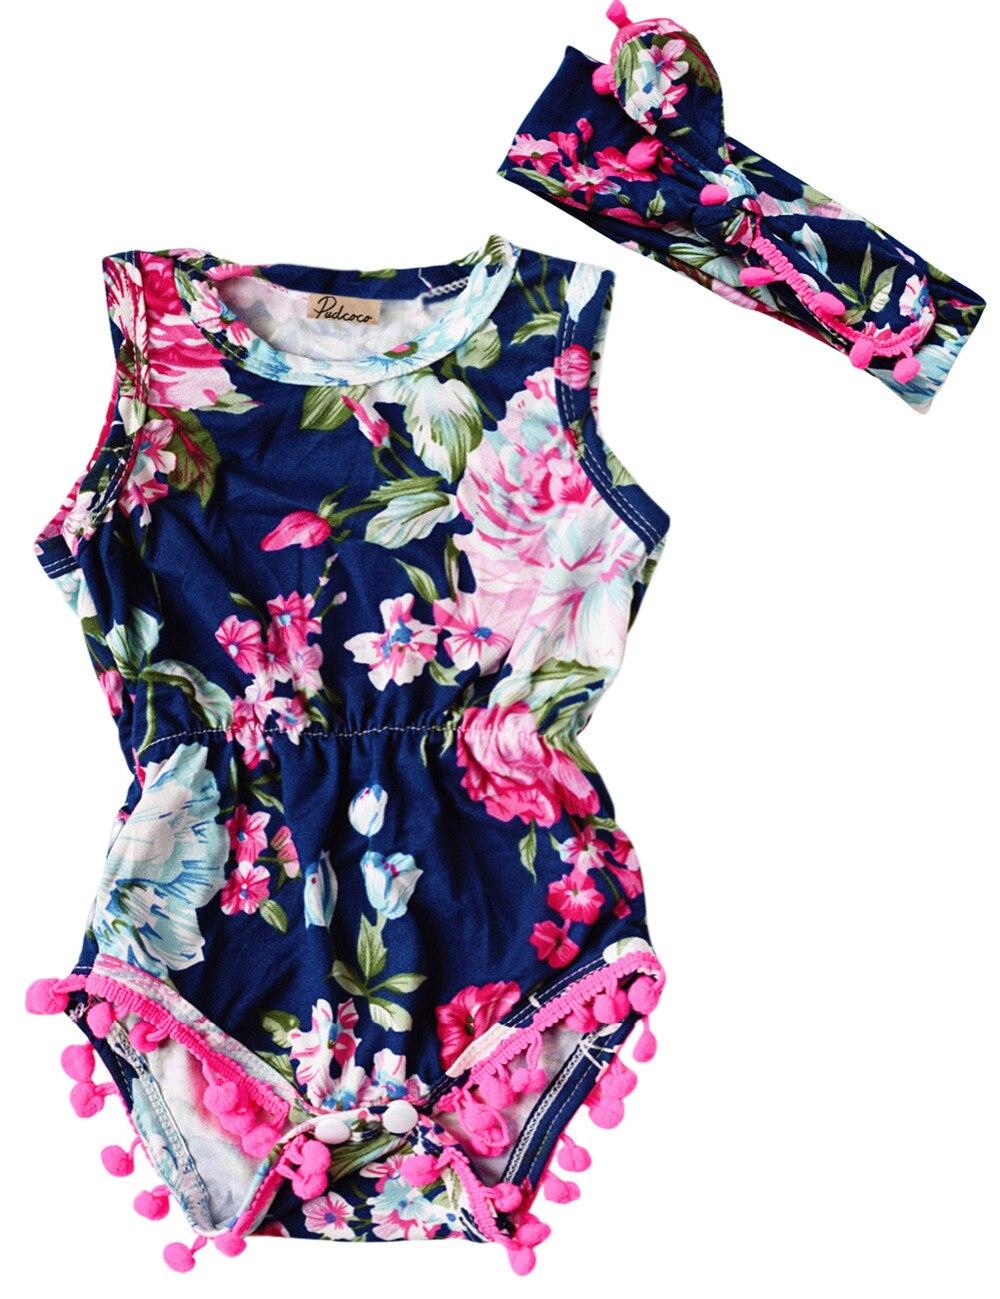 Fashion Printing Cute Nouveau-ne Cotton Enfant Bebe Florales Pour Filles Combinaison Grenouillere Maillots